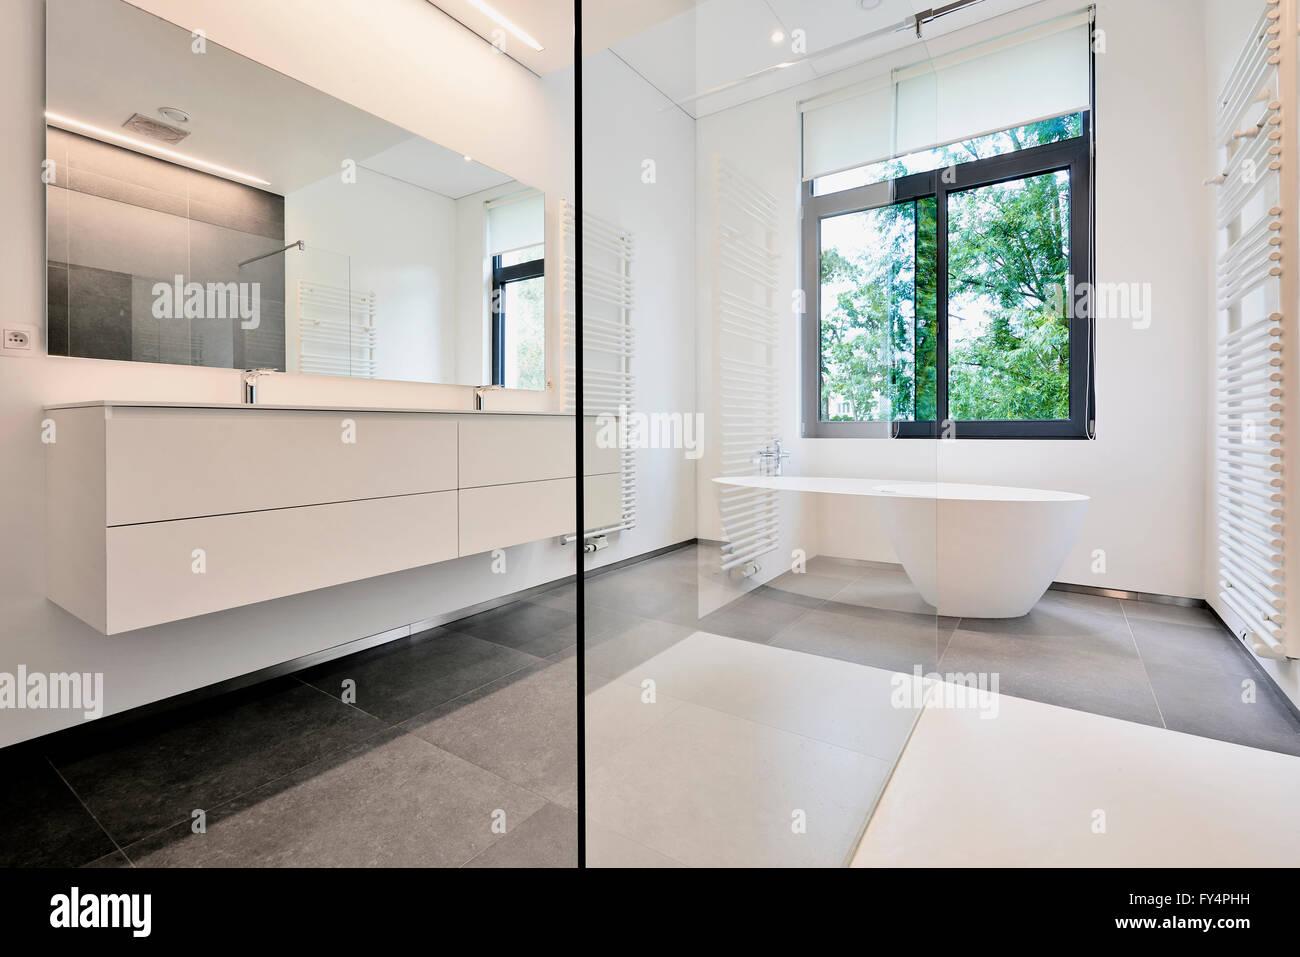 Vasca Da Bagno Rivestita : Vasca da bagno in corian rubinetto e doccia in bagno rivestito di